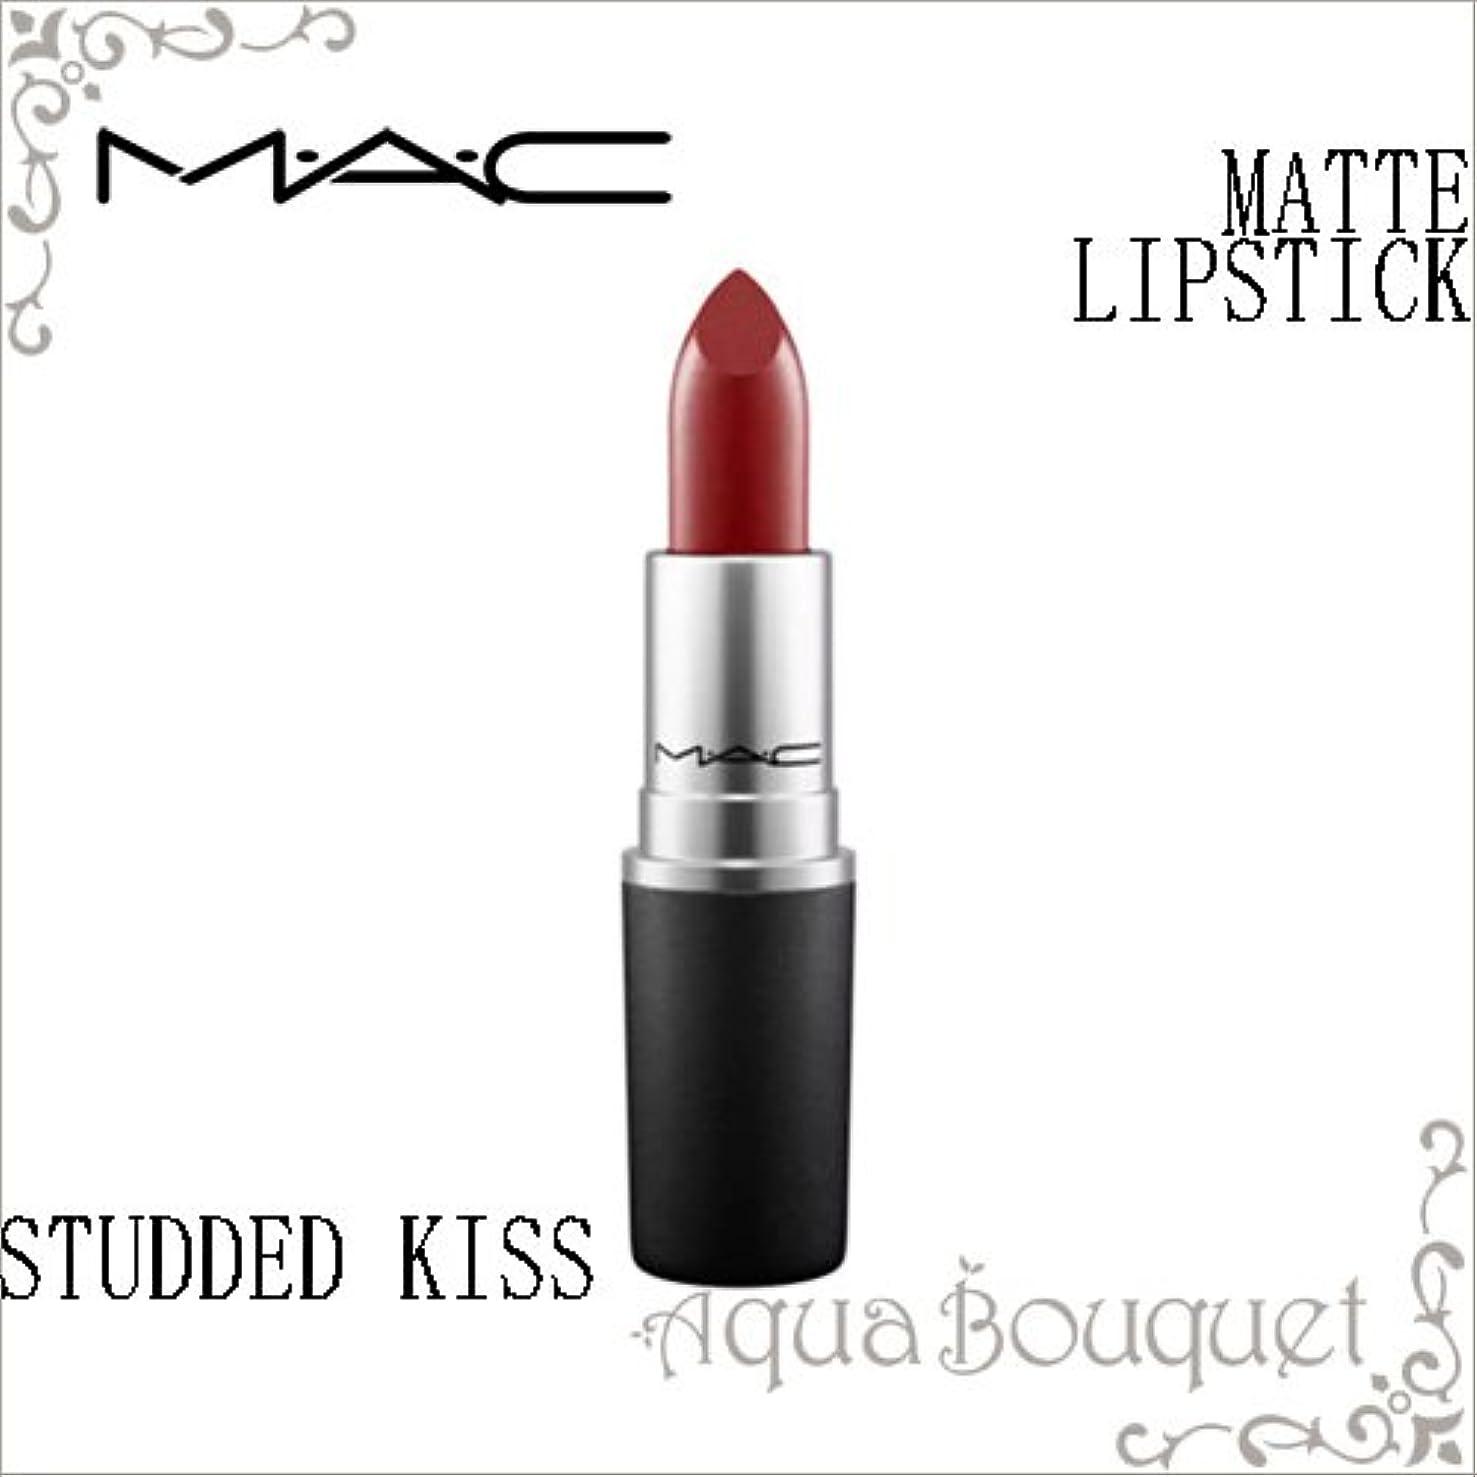 軽くタワーアミューズメントマック(MAC) THE MATTE LIP リップスティックマット #スタディッド キス 3g [388325][並行輸入品]